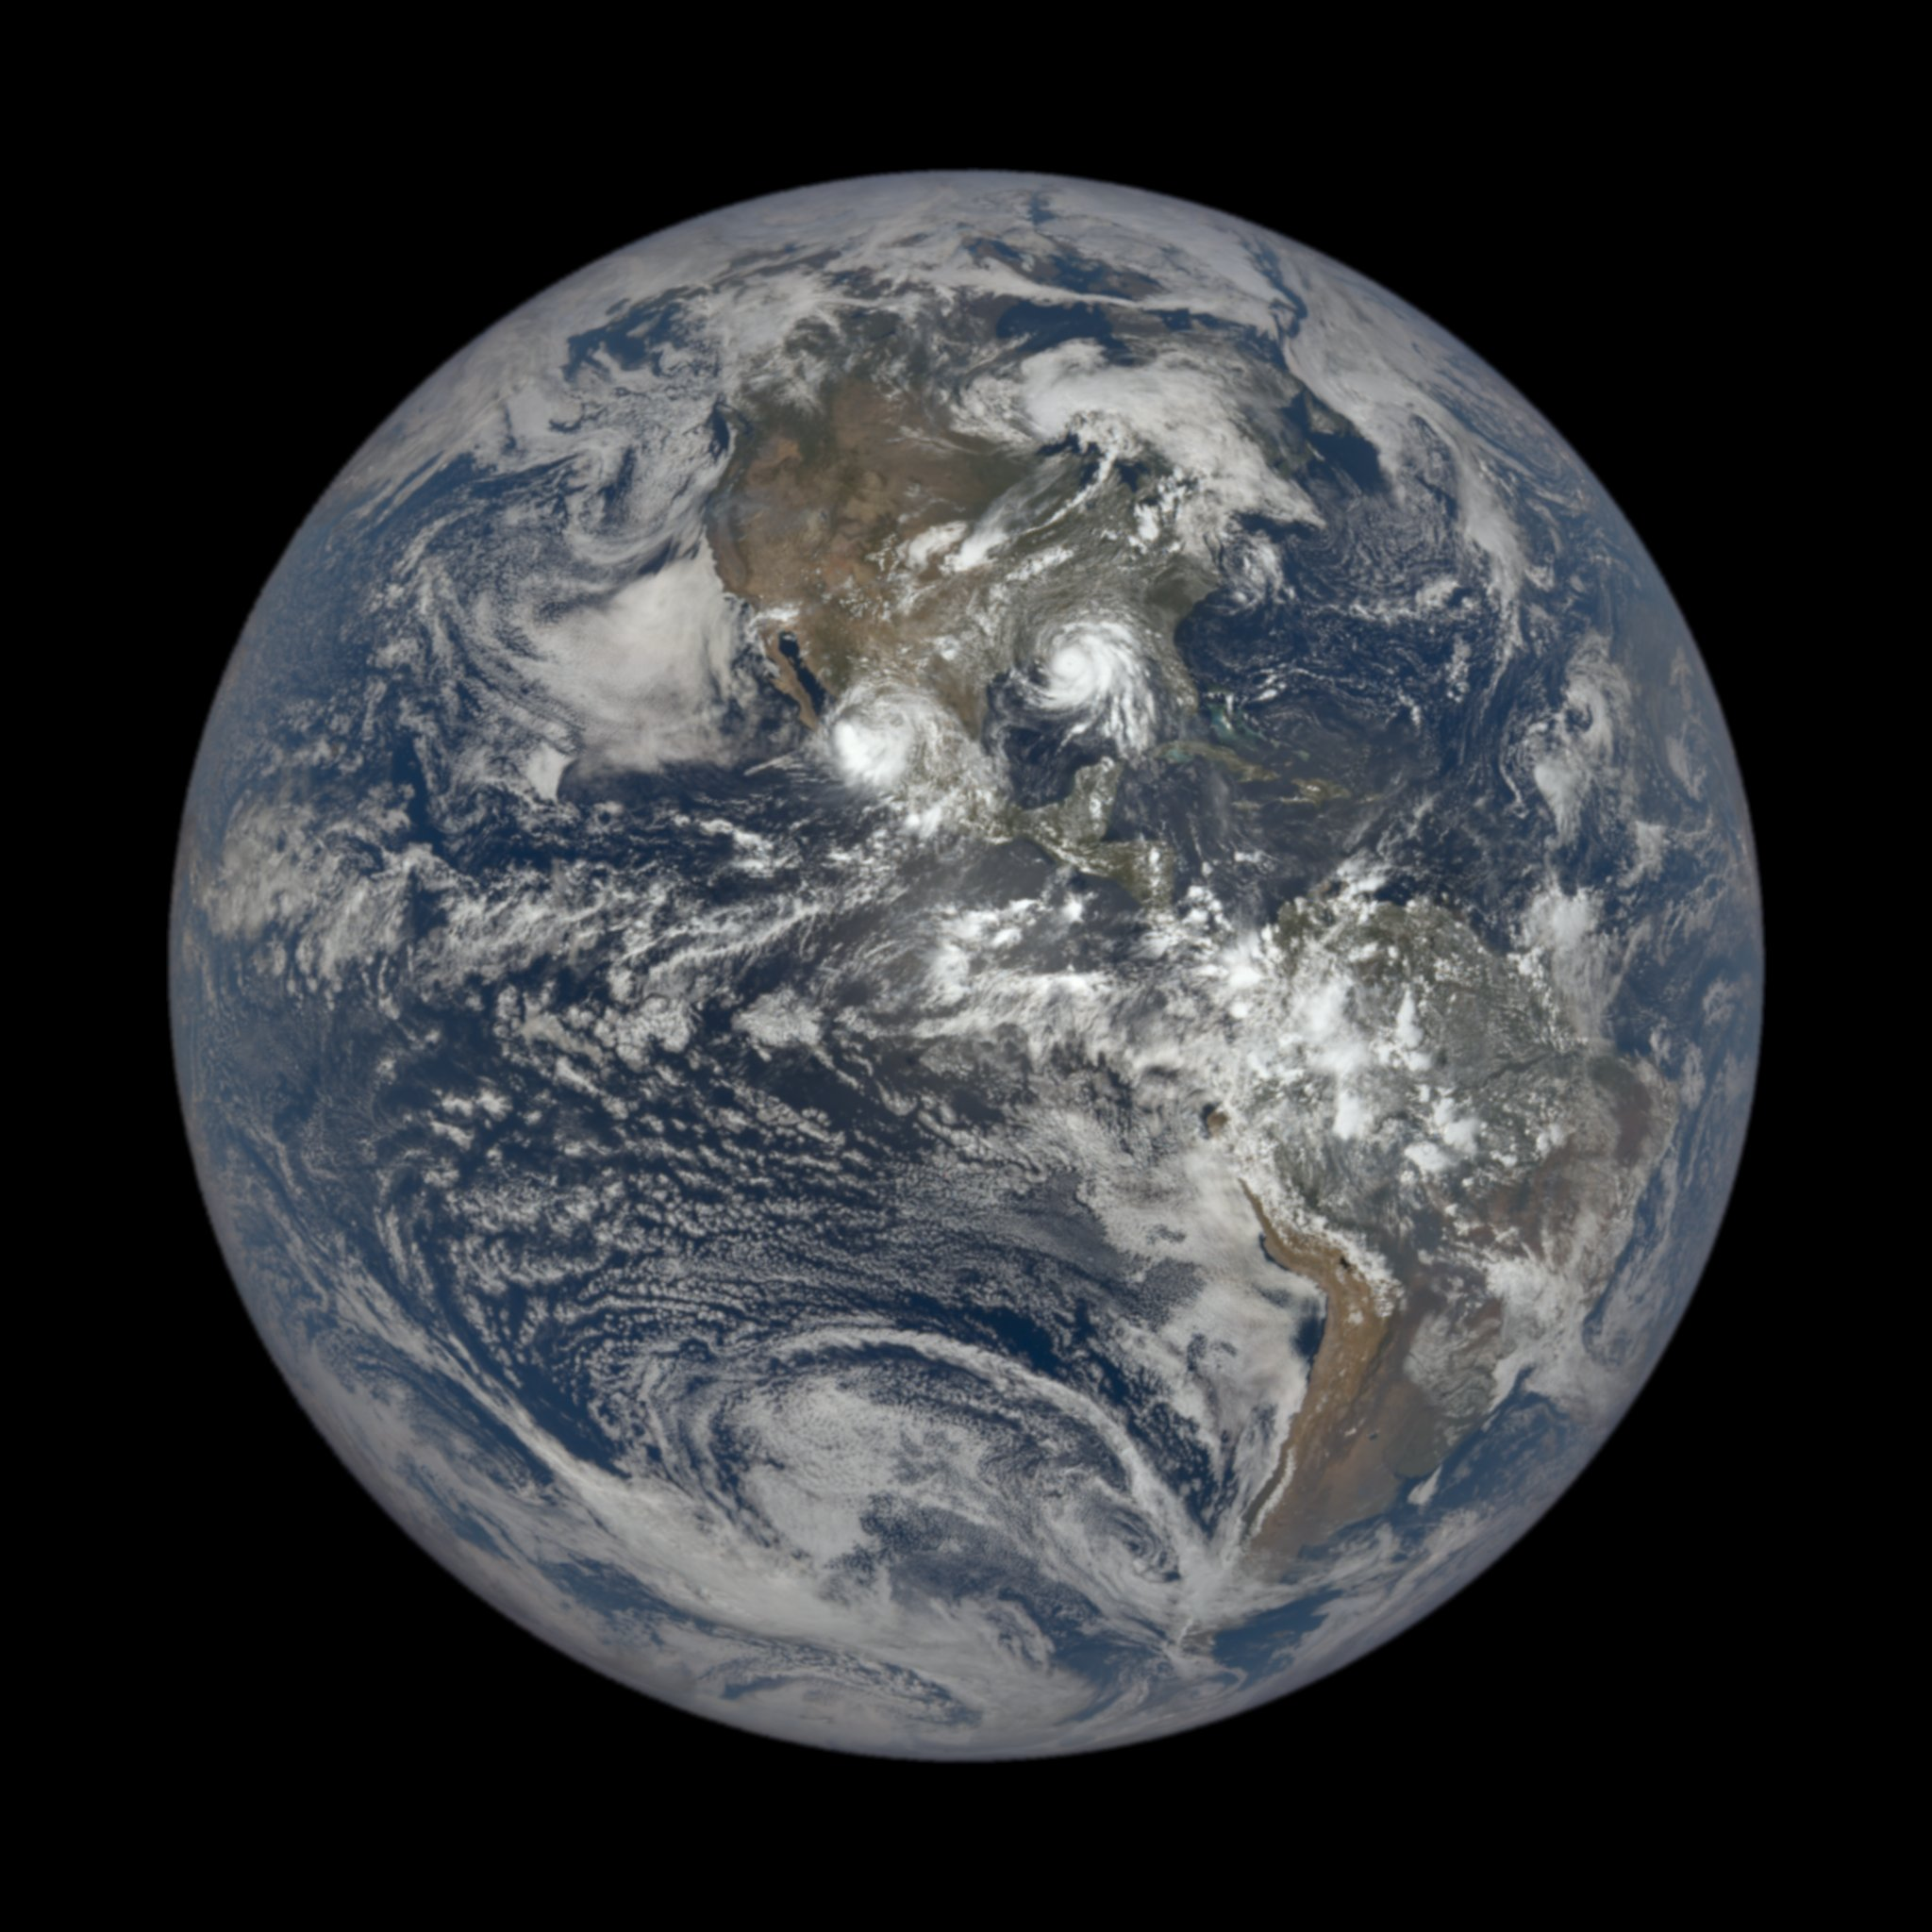 """Уникальные снимки. Как выглядит ураган """"Ида"""" с высоты в 1,5 млн километров"""